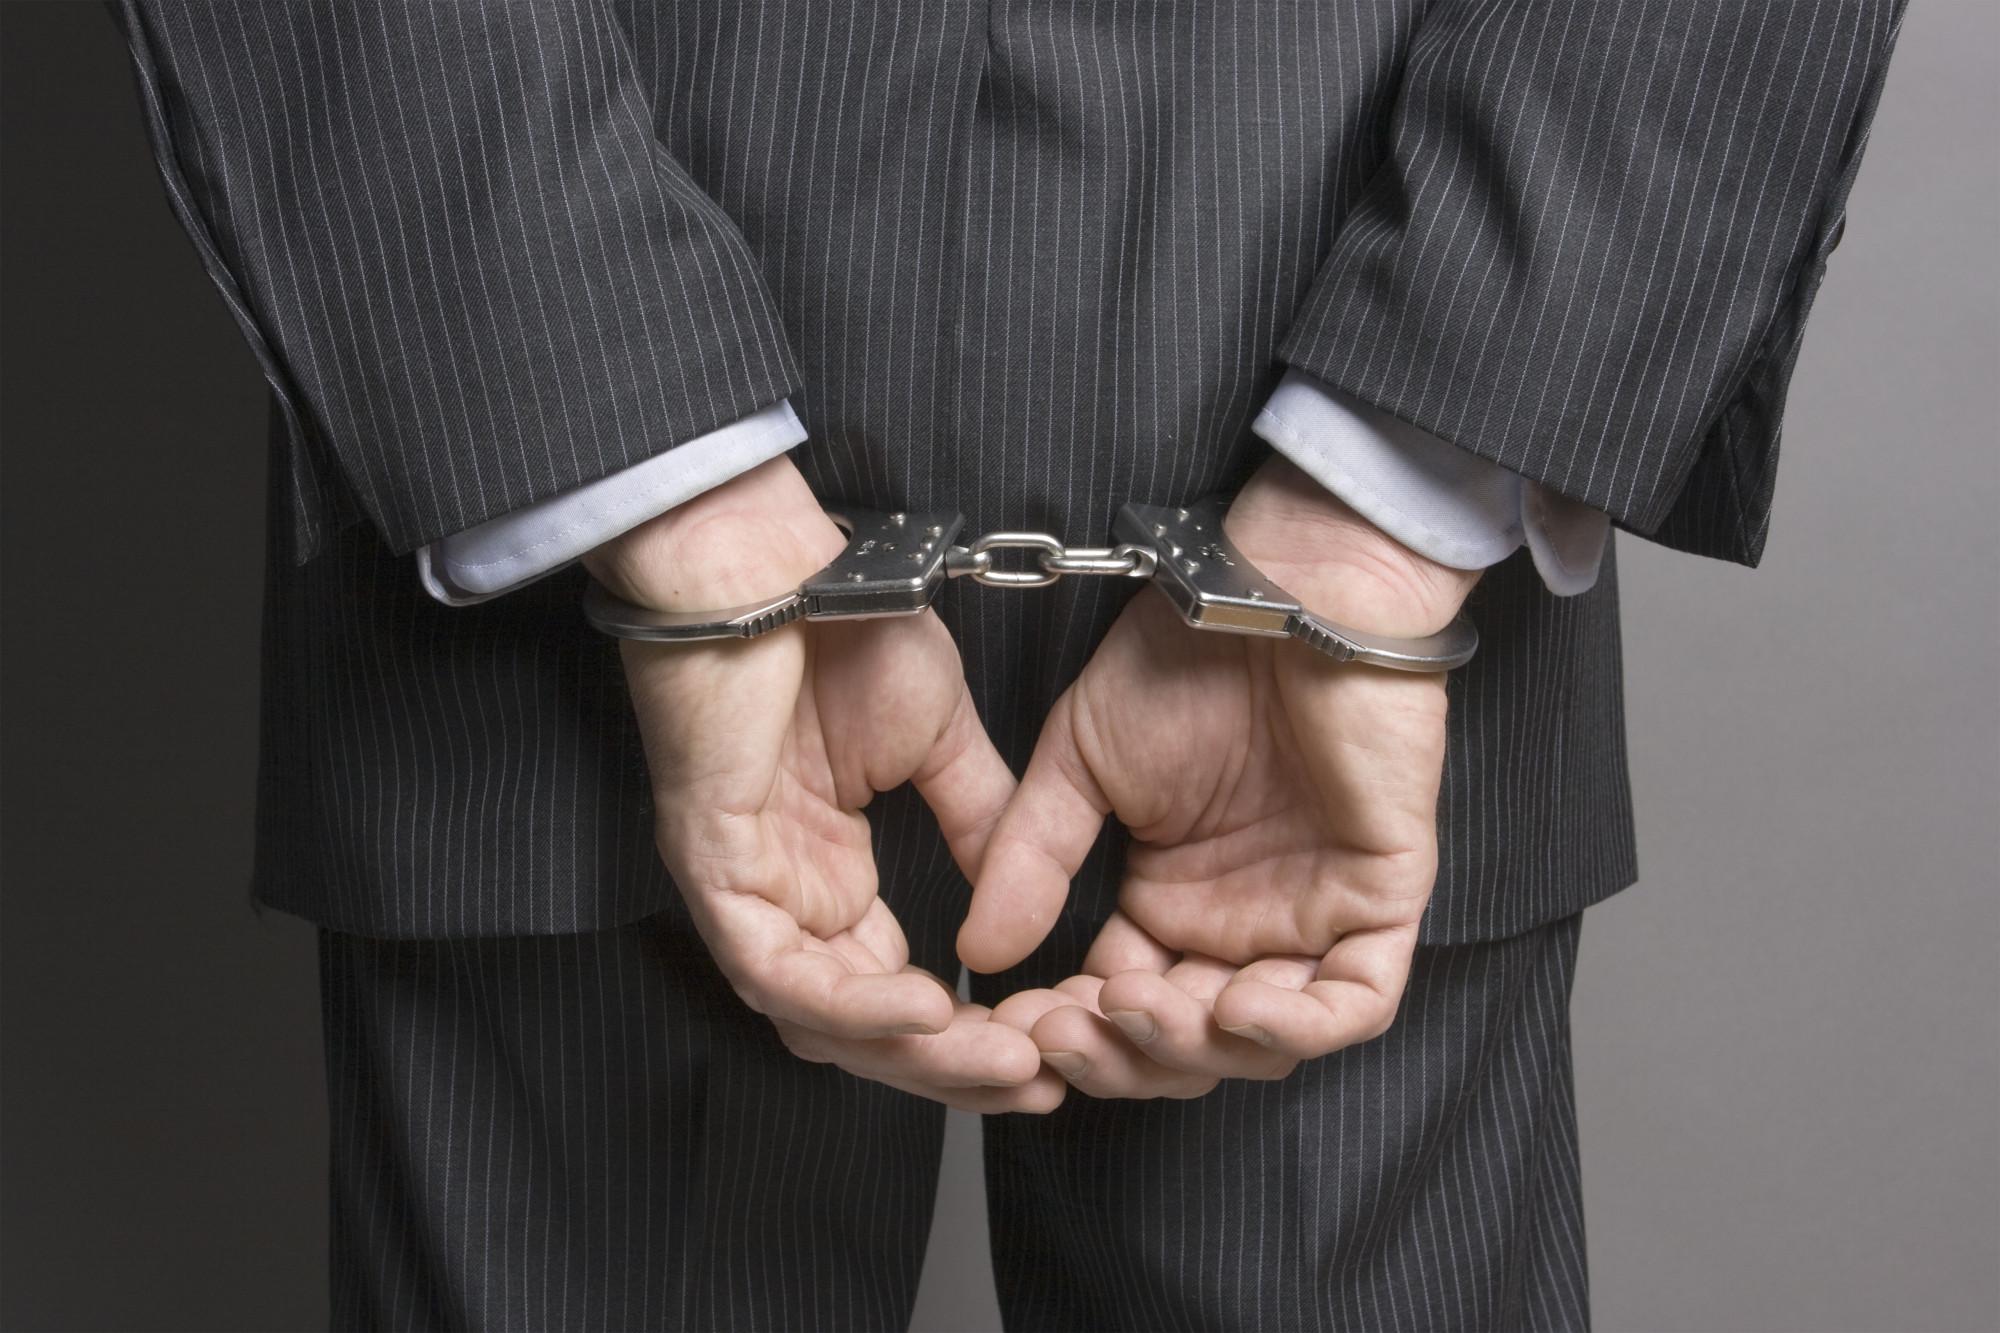 Sondaj de opinie: Există corupție în Maramureș?